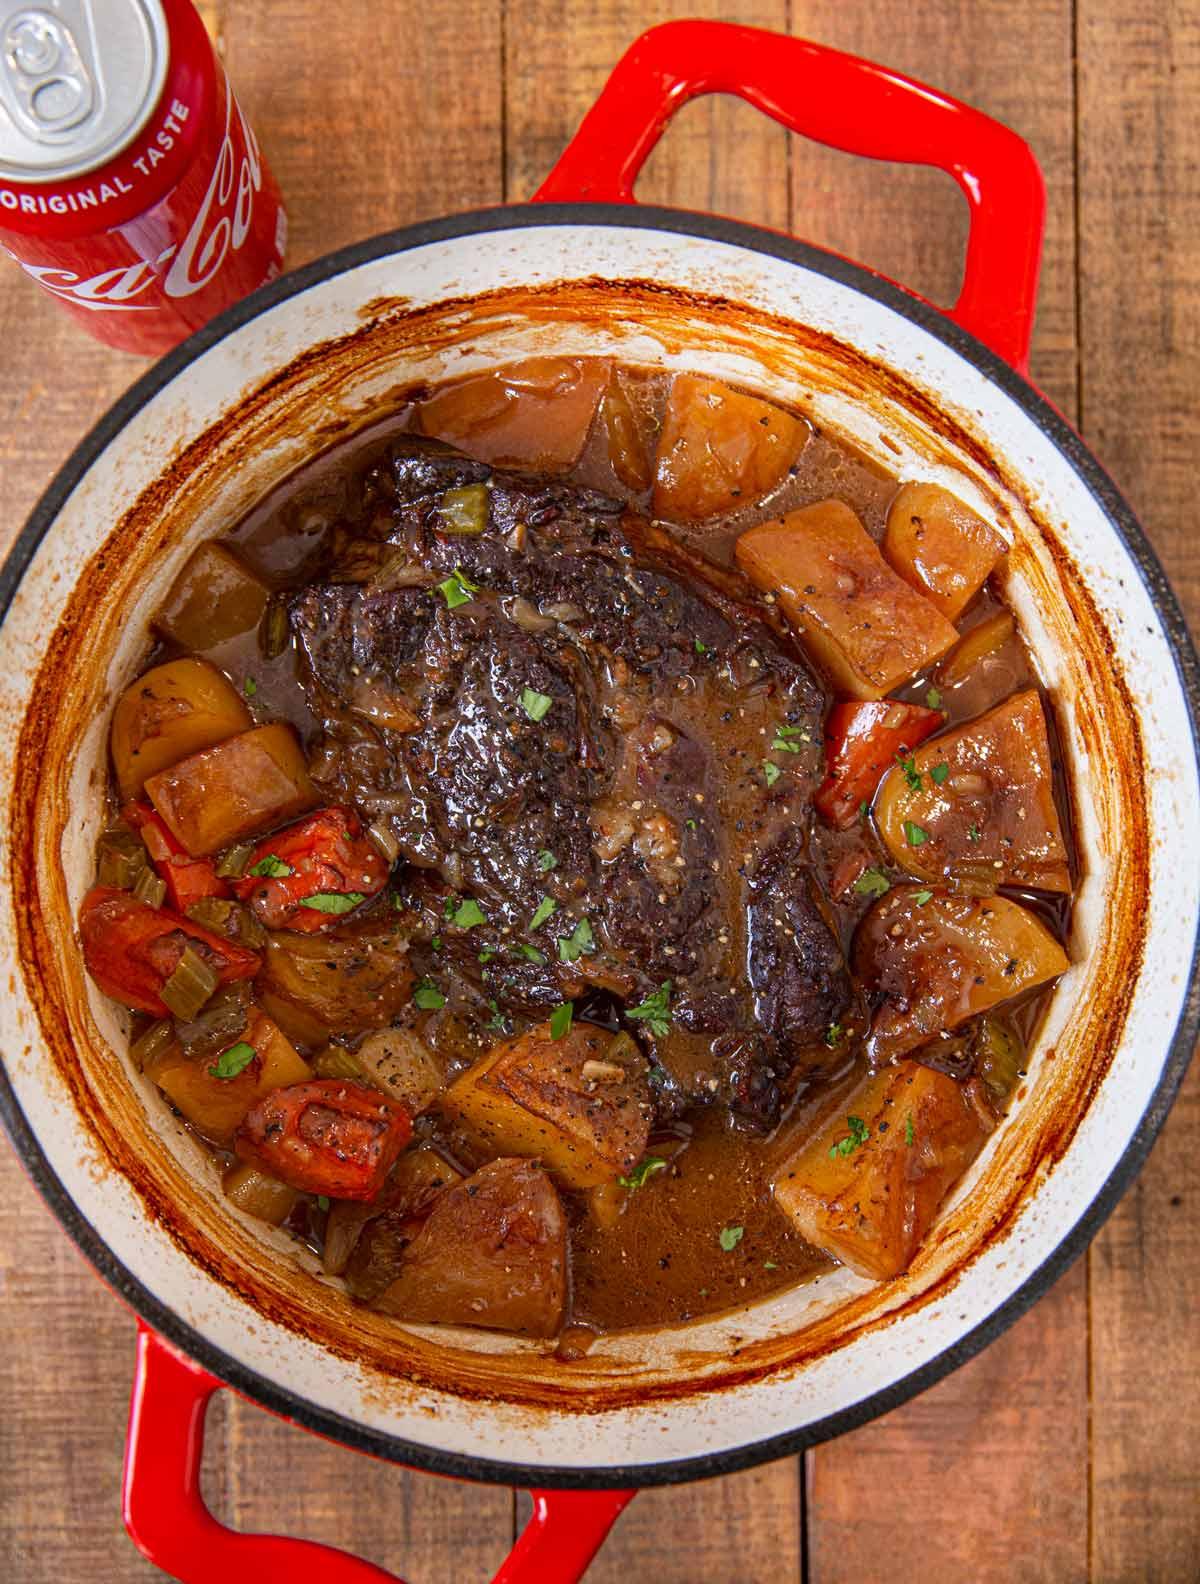 Super Tender Cola Pot Roast Recipe (So Easy!) - Dinner, then Dessert